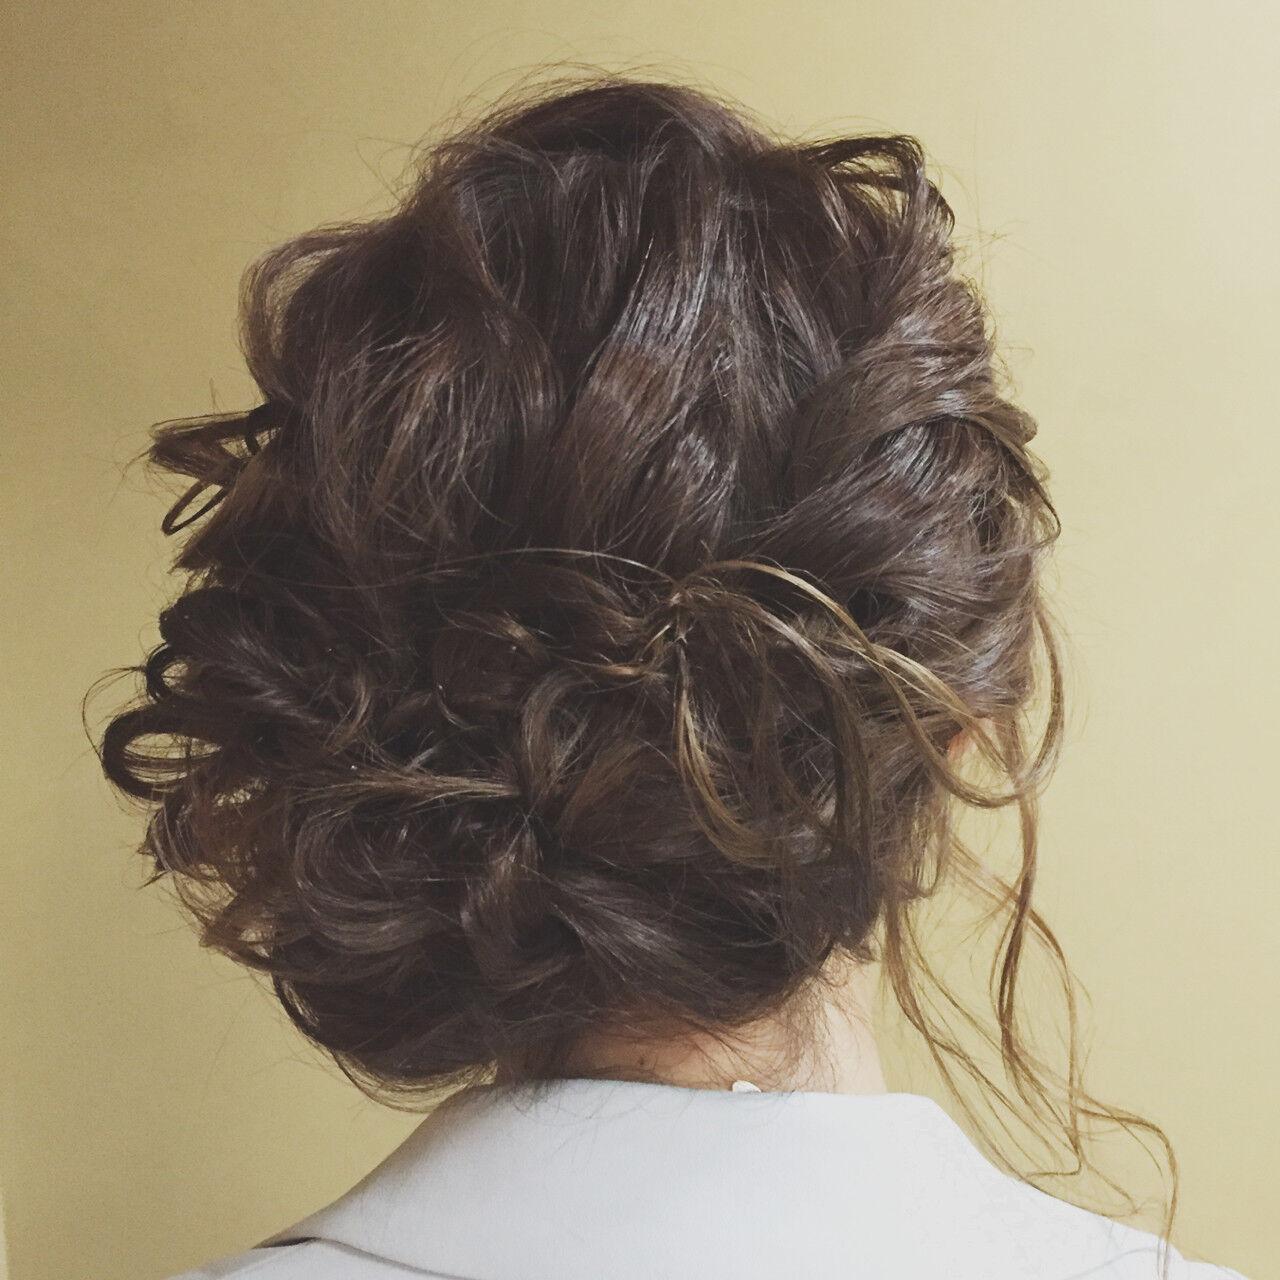 セミロング ヘアアレンジ 大人かわいい アップスタイルヘアスタイルや髪型の写真・画像